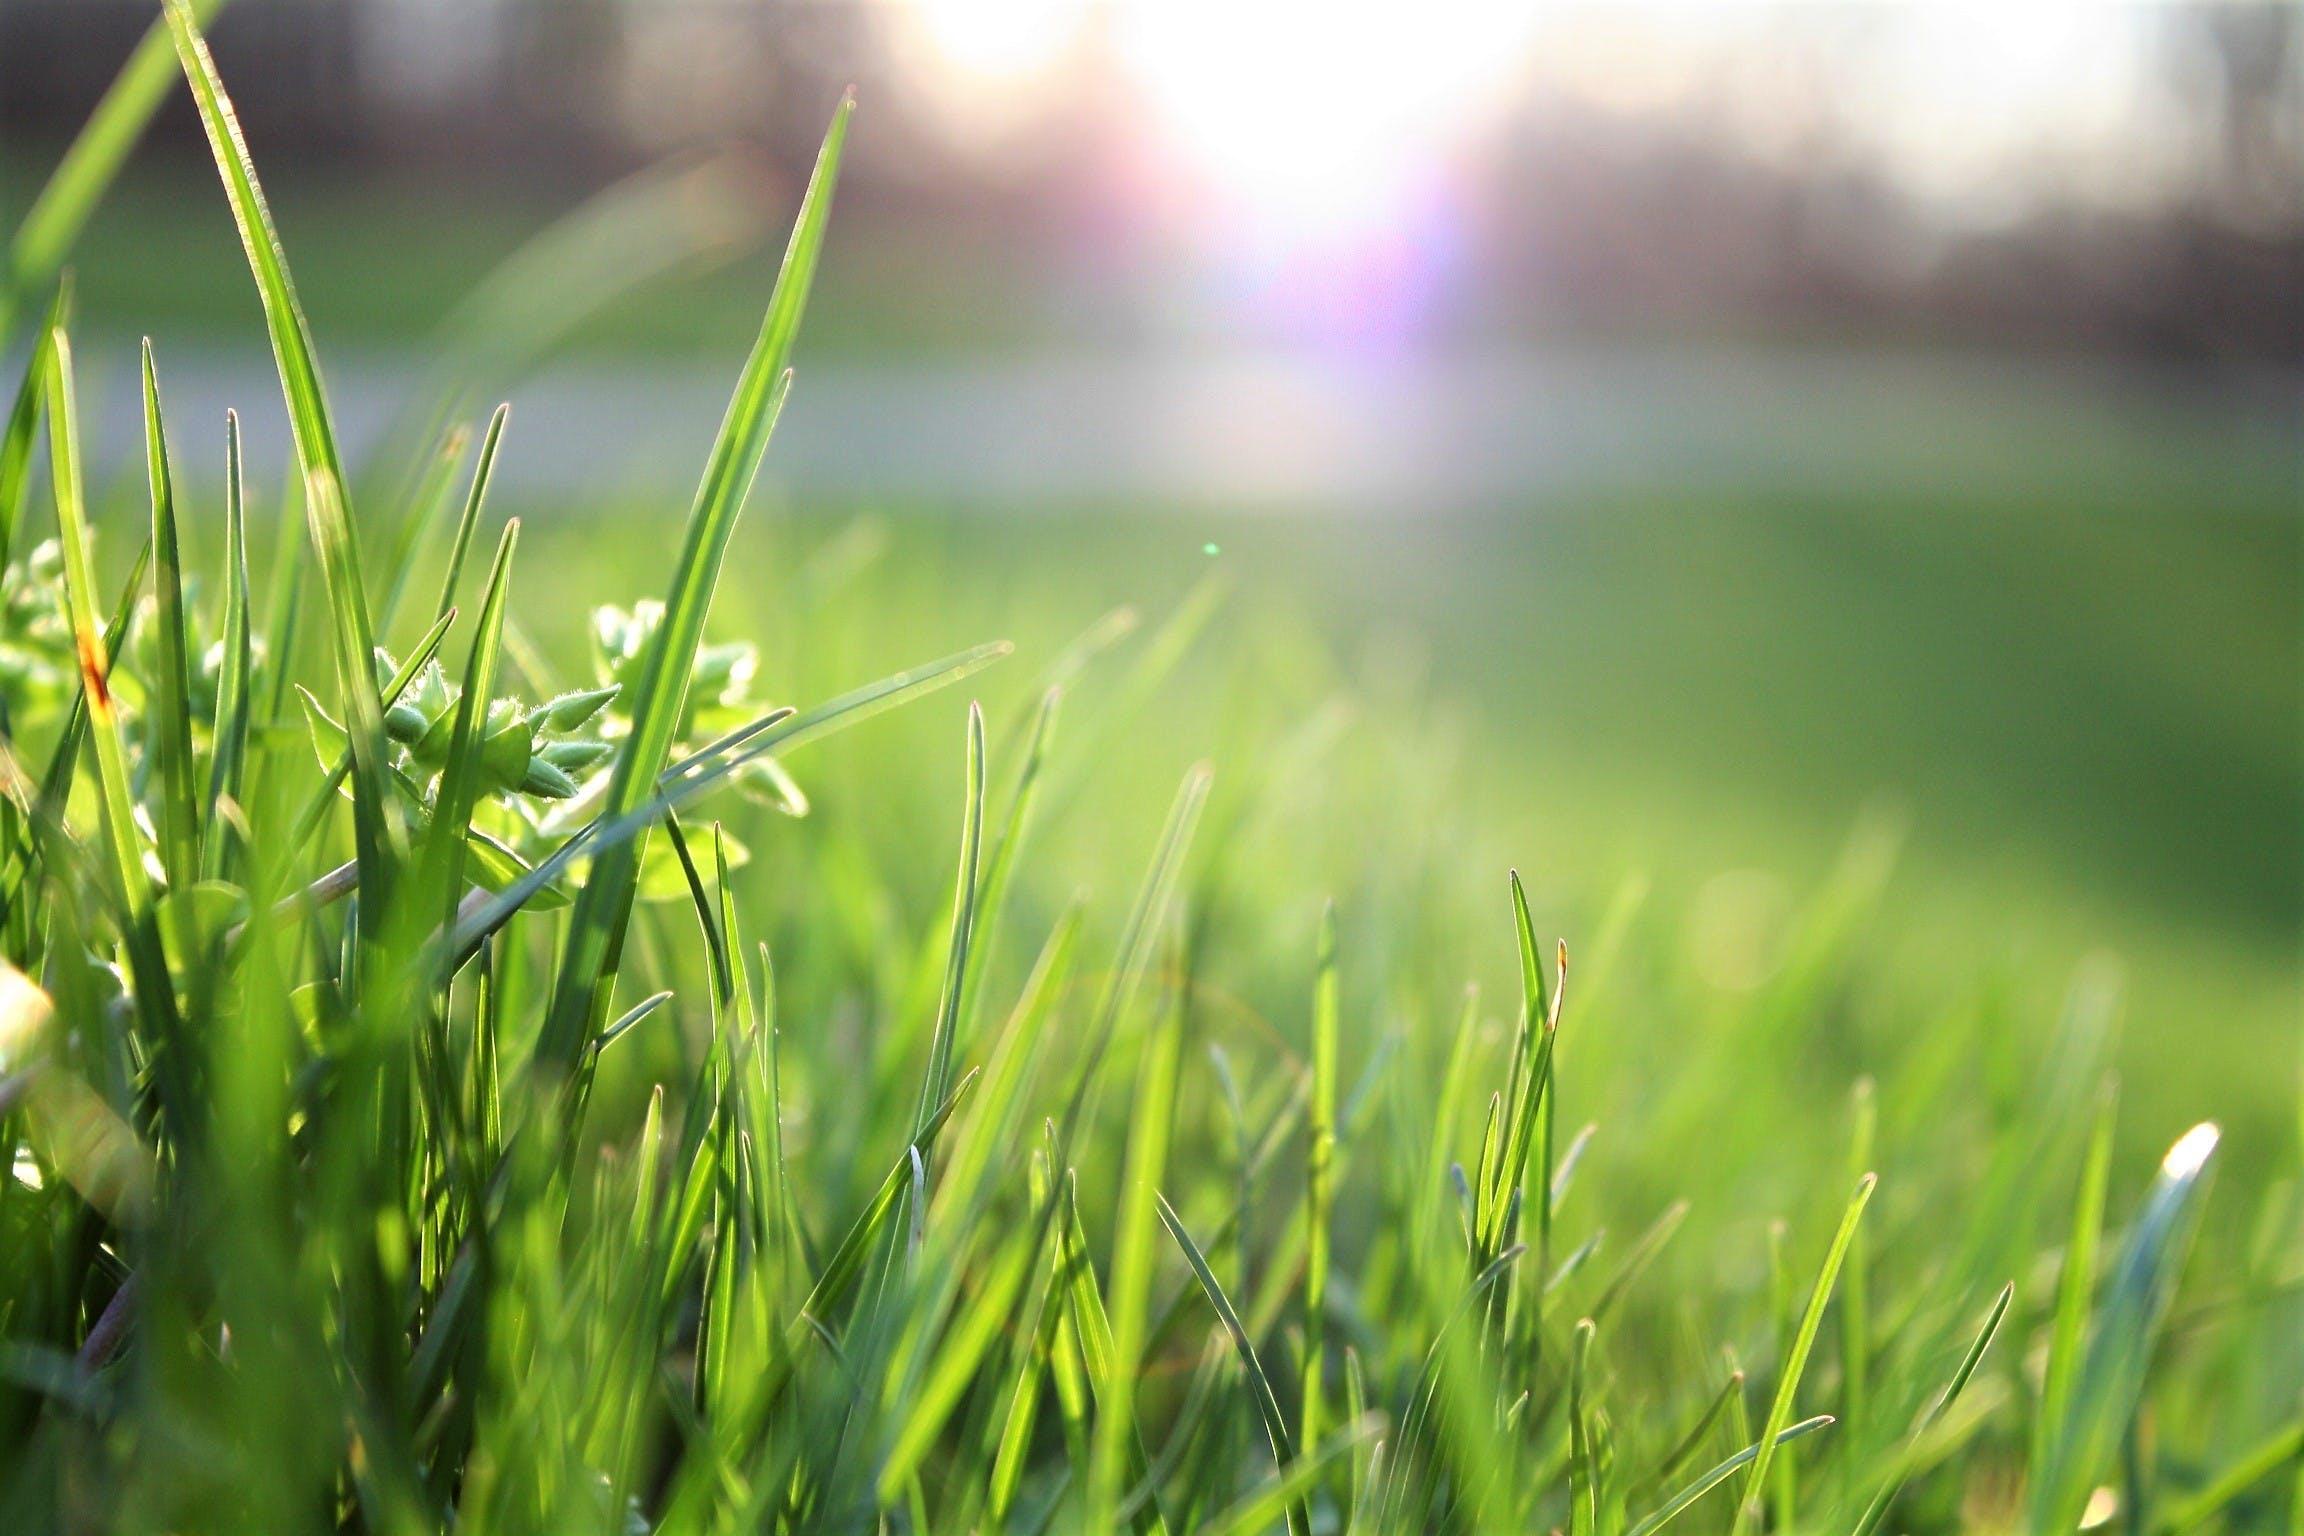 Fotos de stock gratuitas de brizna de hierba, césped, jardín, macro